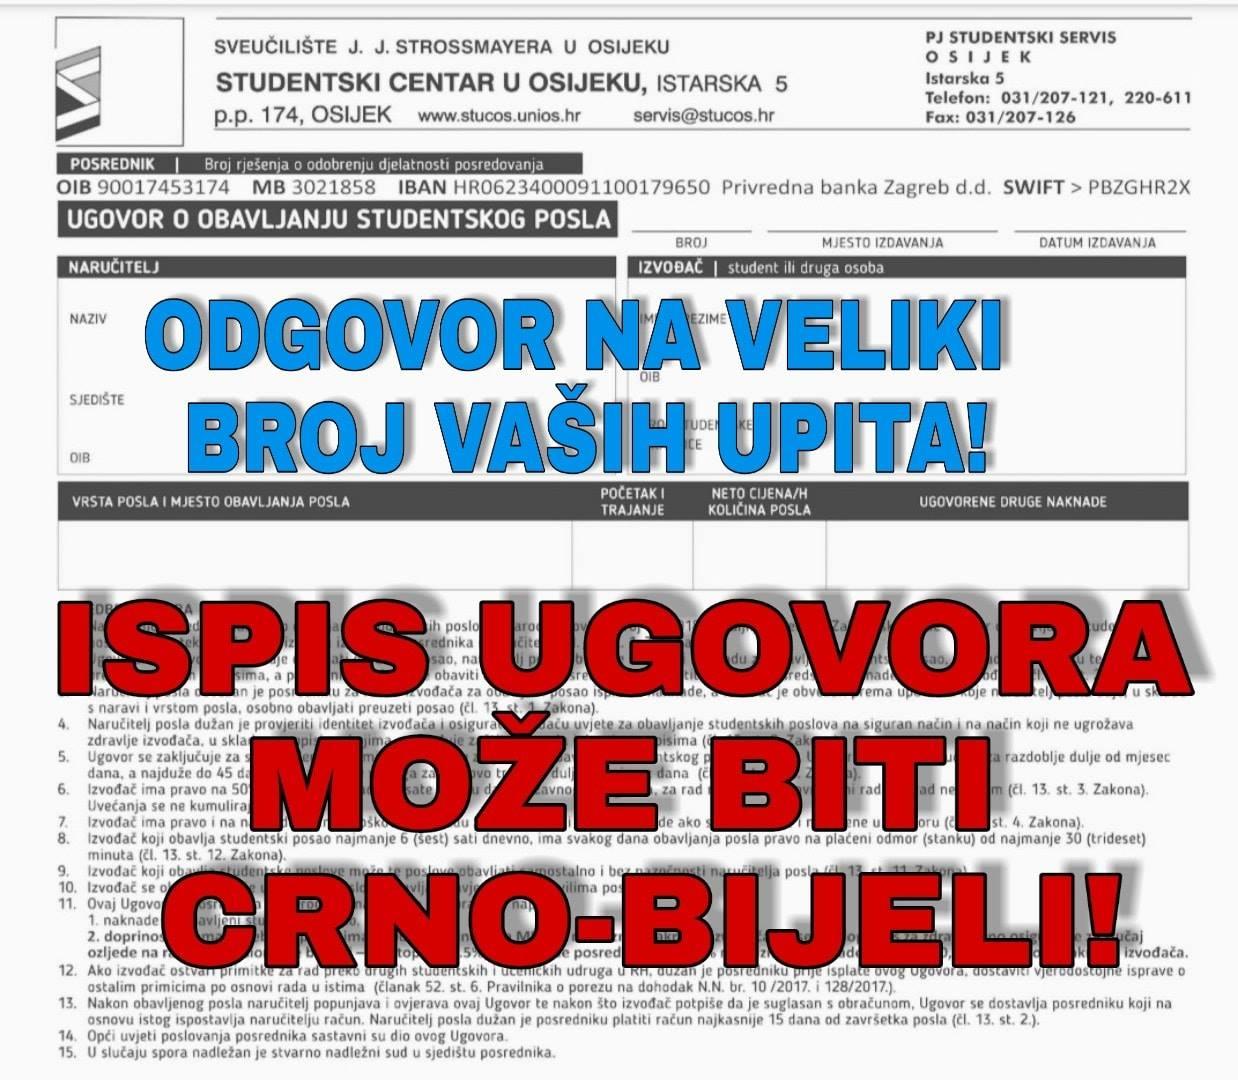 Izdavanje Pregled Ugovora Pregled Isplata I Zarada Studentski Centar U Osijeku